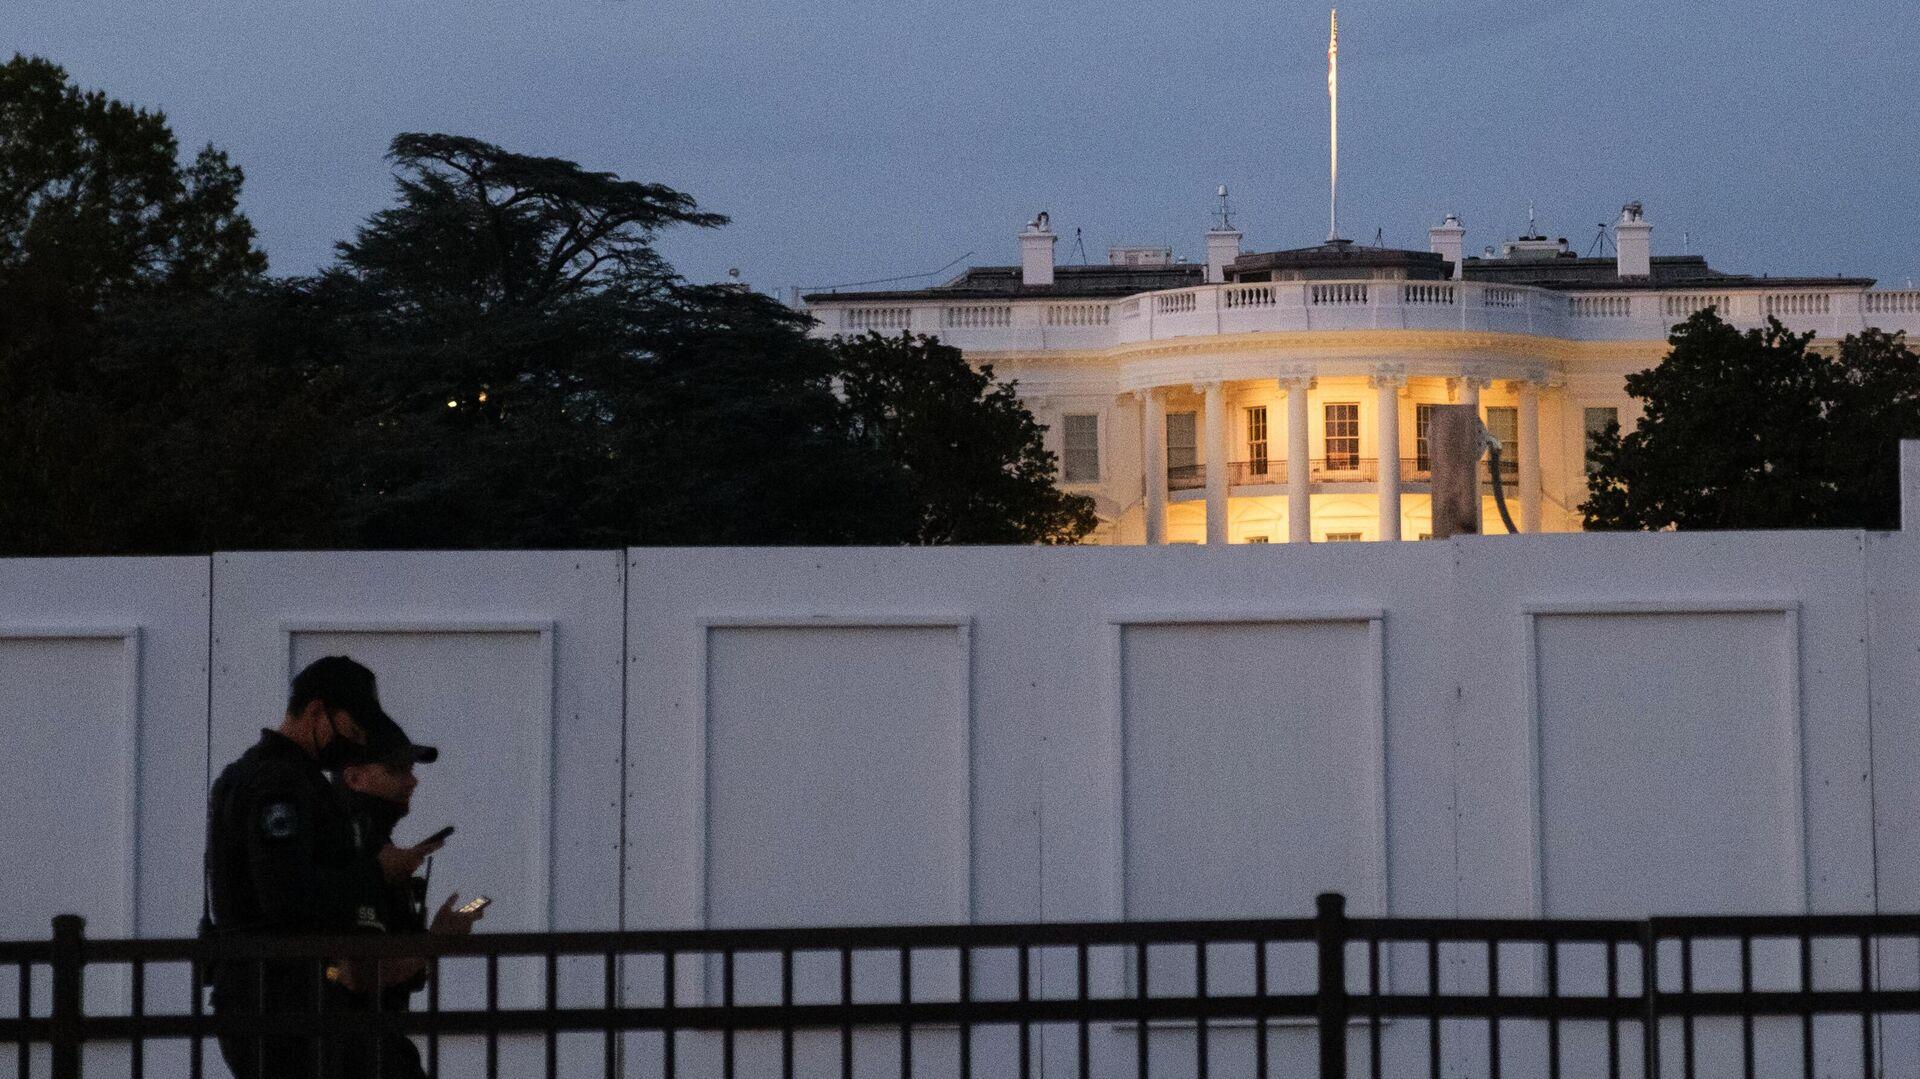 Сотрудники секретной службы США на площади перед Белым домом в Вашингтоне - РИА Новости, 1920, 11.09.2021